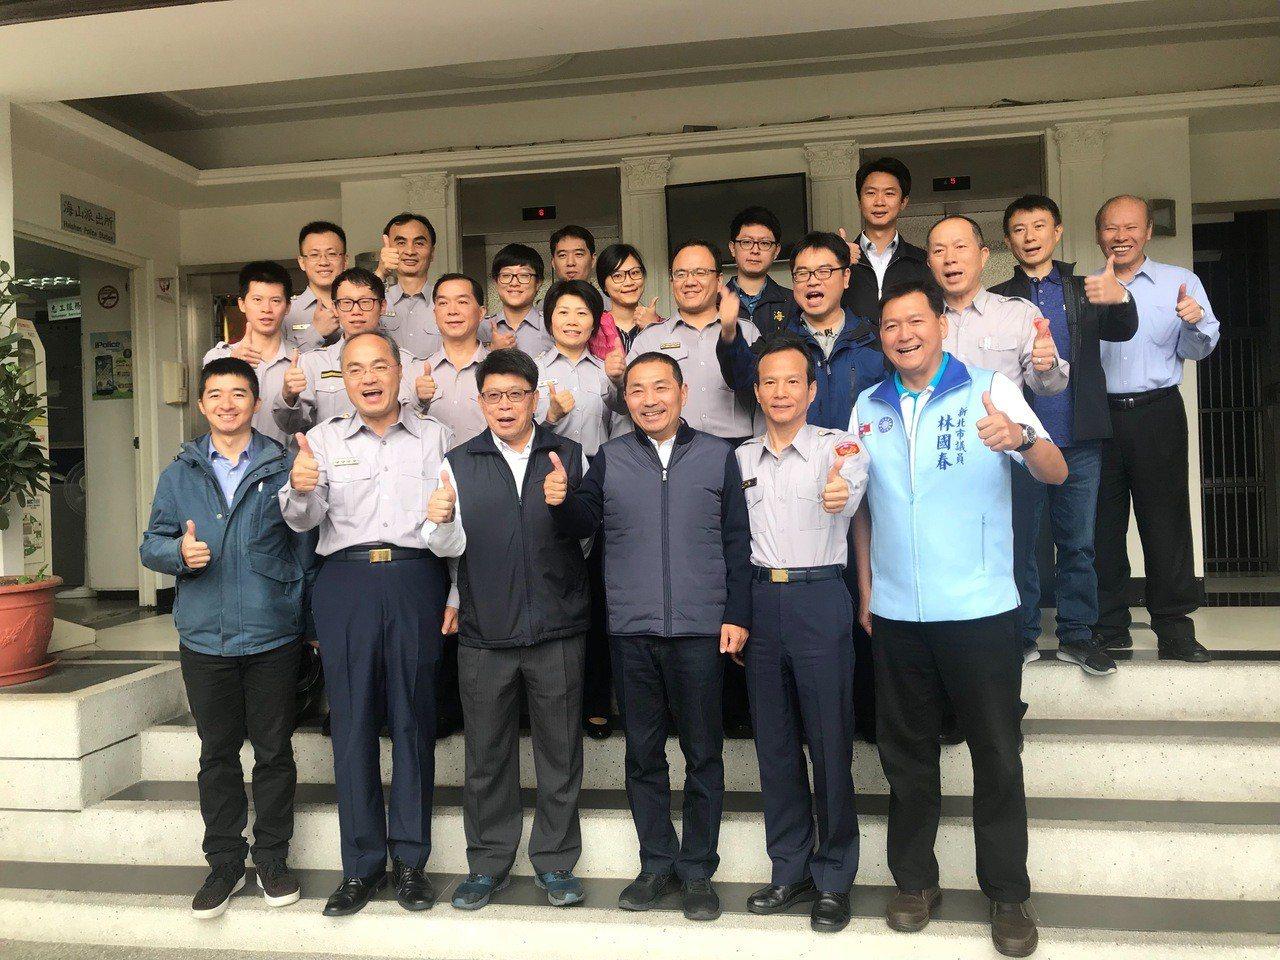 新北市長當選人侯友宜今天前往海山警分局,一一與執勤員警握手致謝。記者袁志豪/翻攝